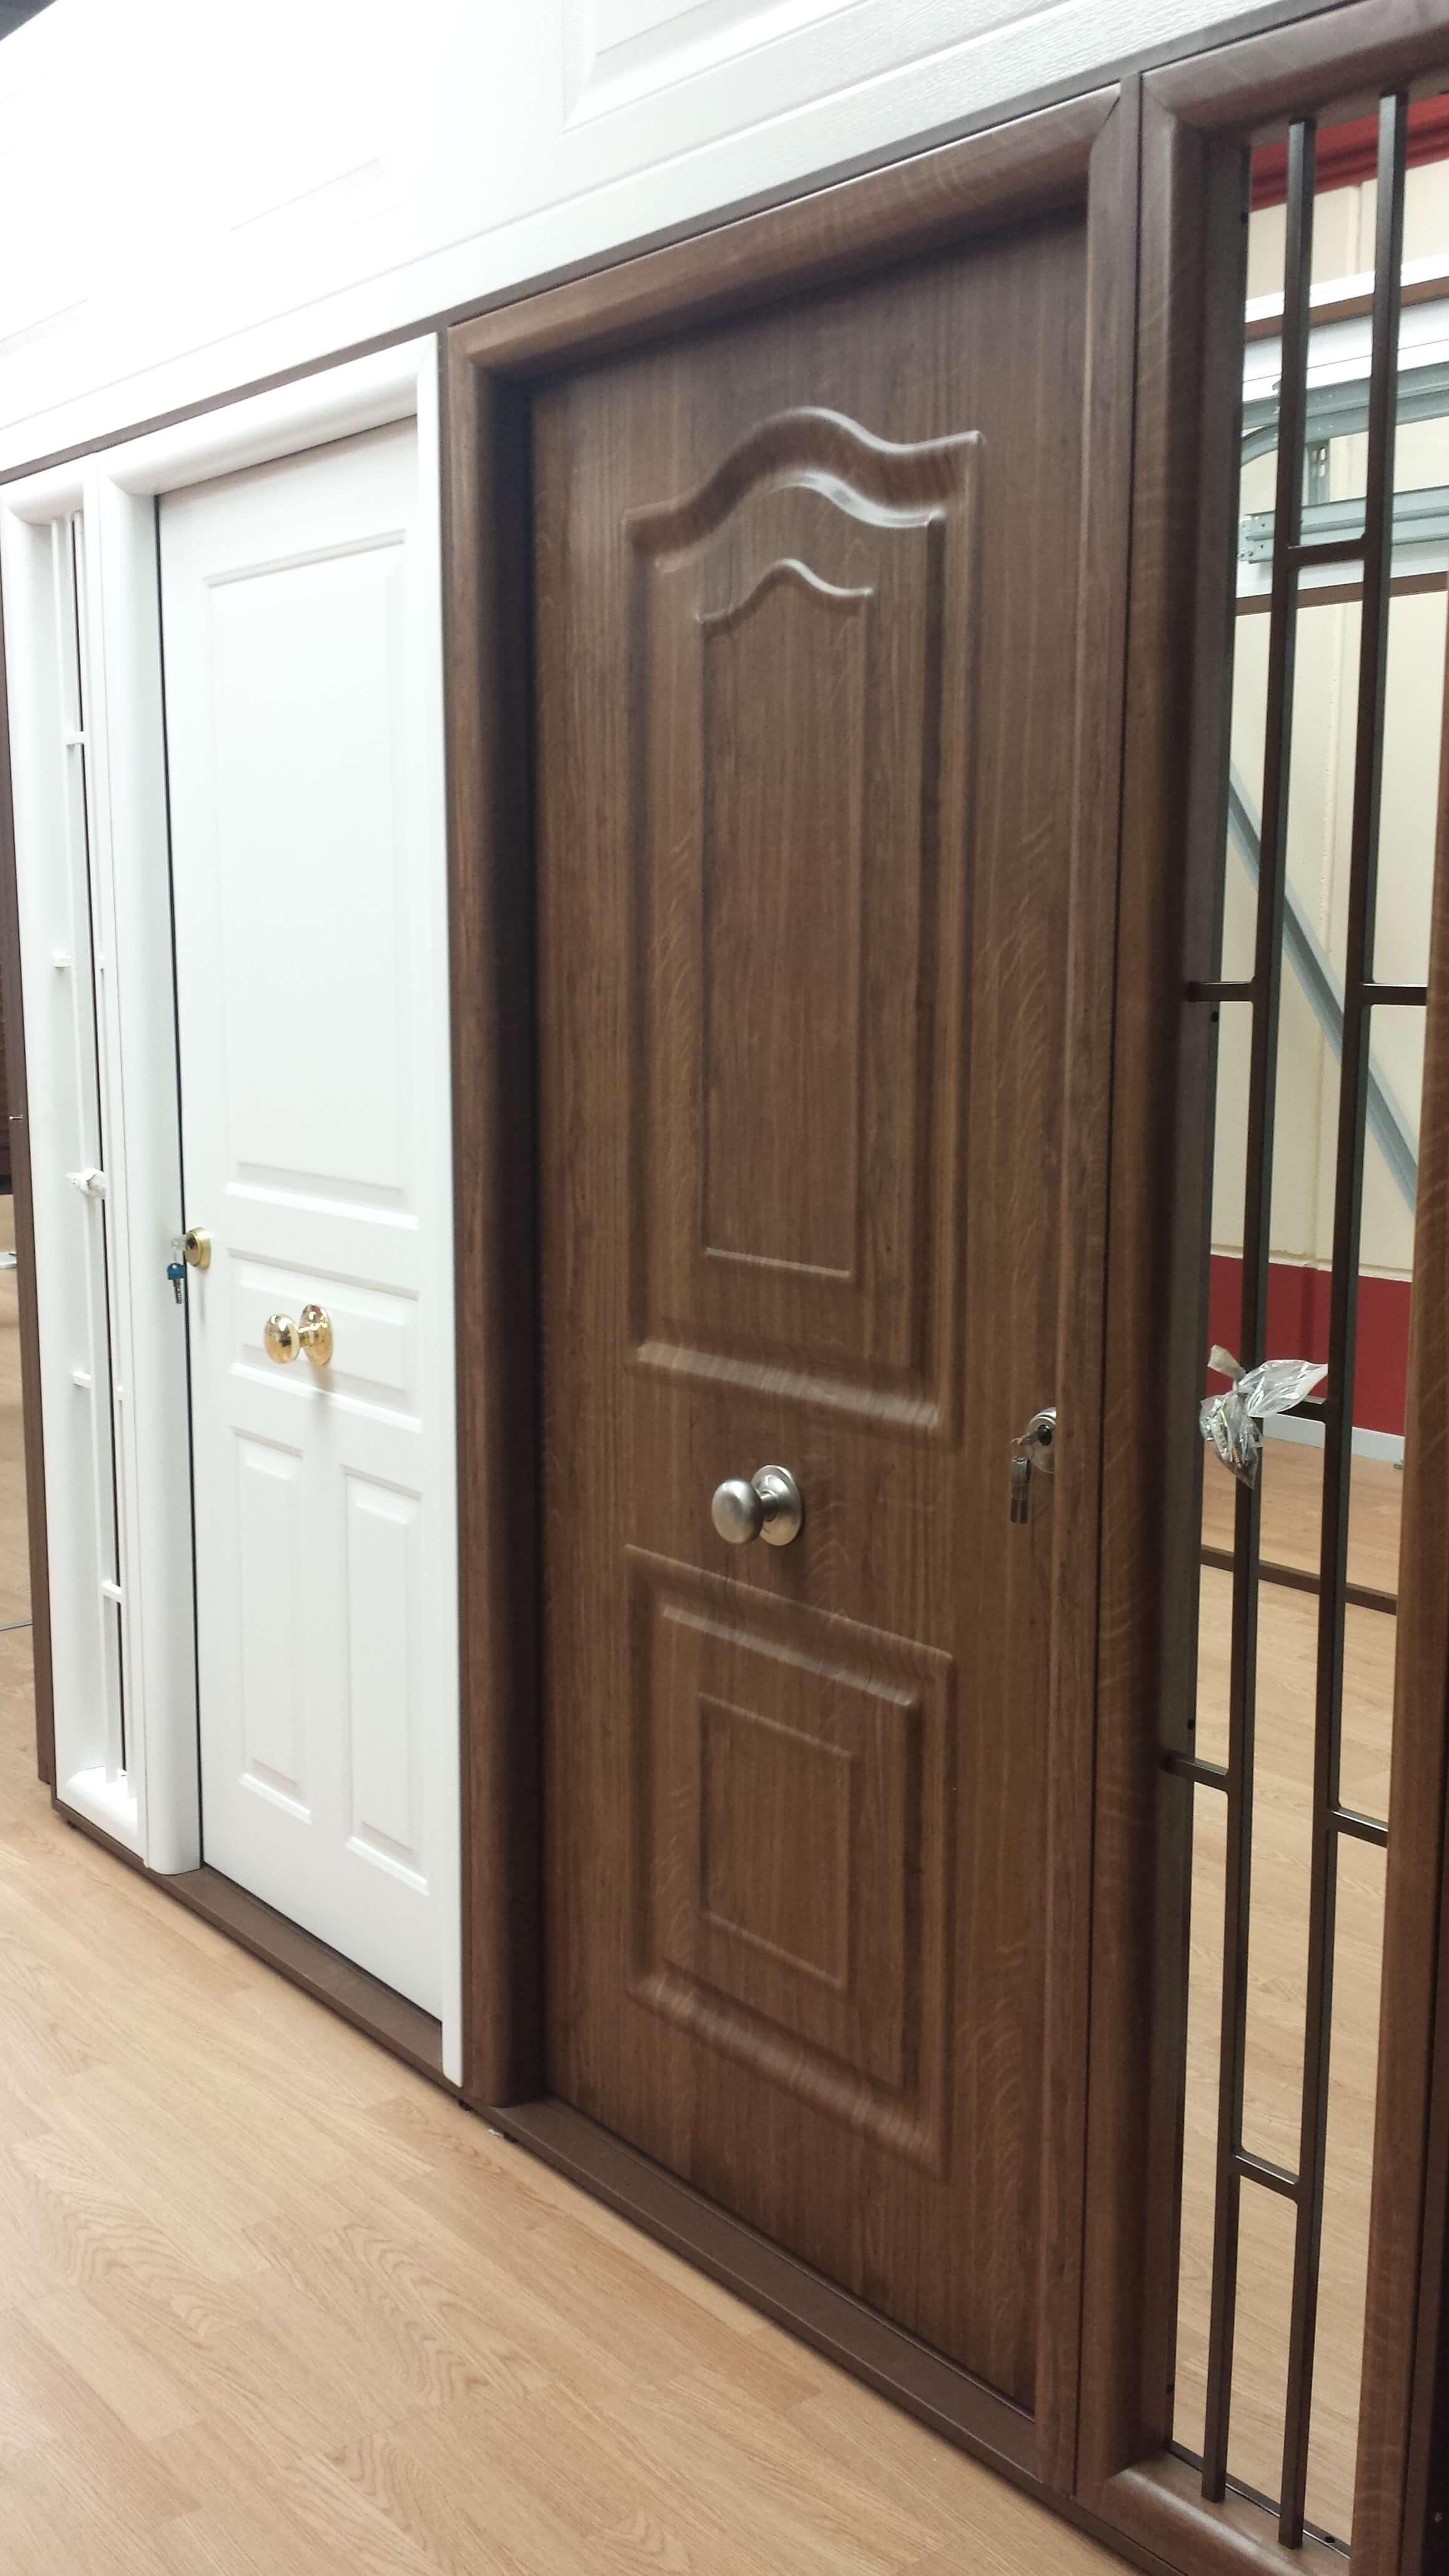 Puertas de entrada a vivienda en guadalajara hidrometal - Puertas de entrada de diseno ...